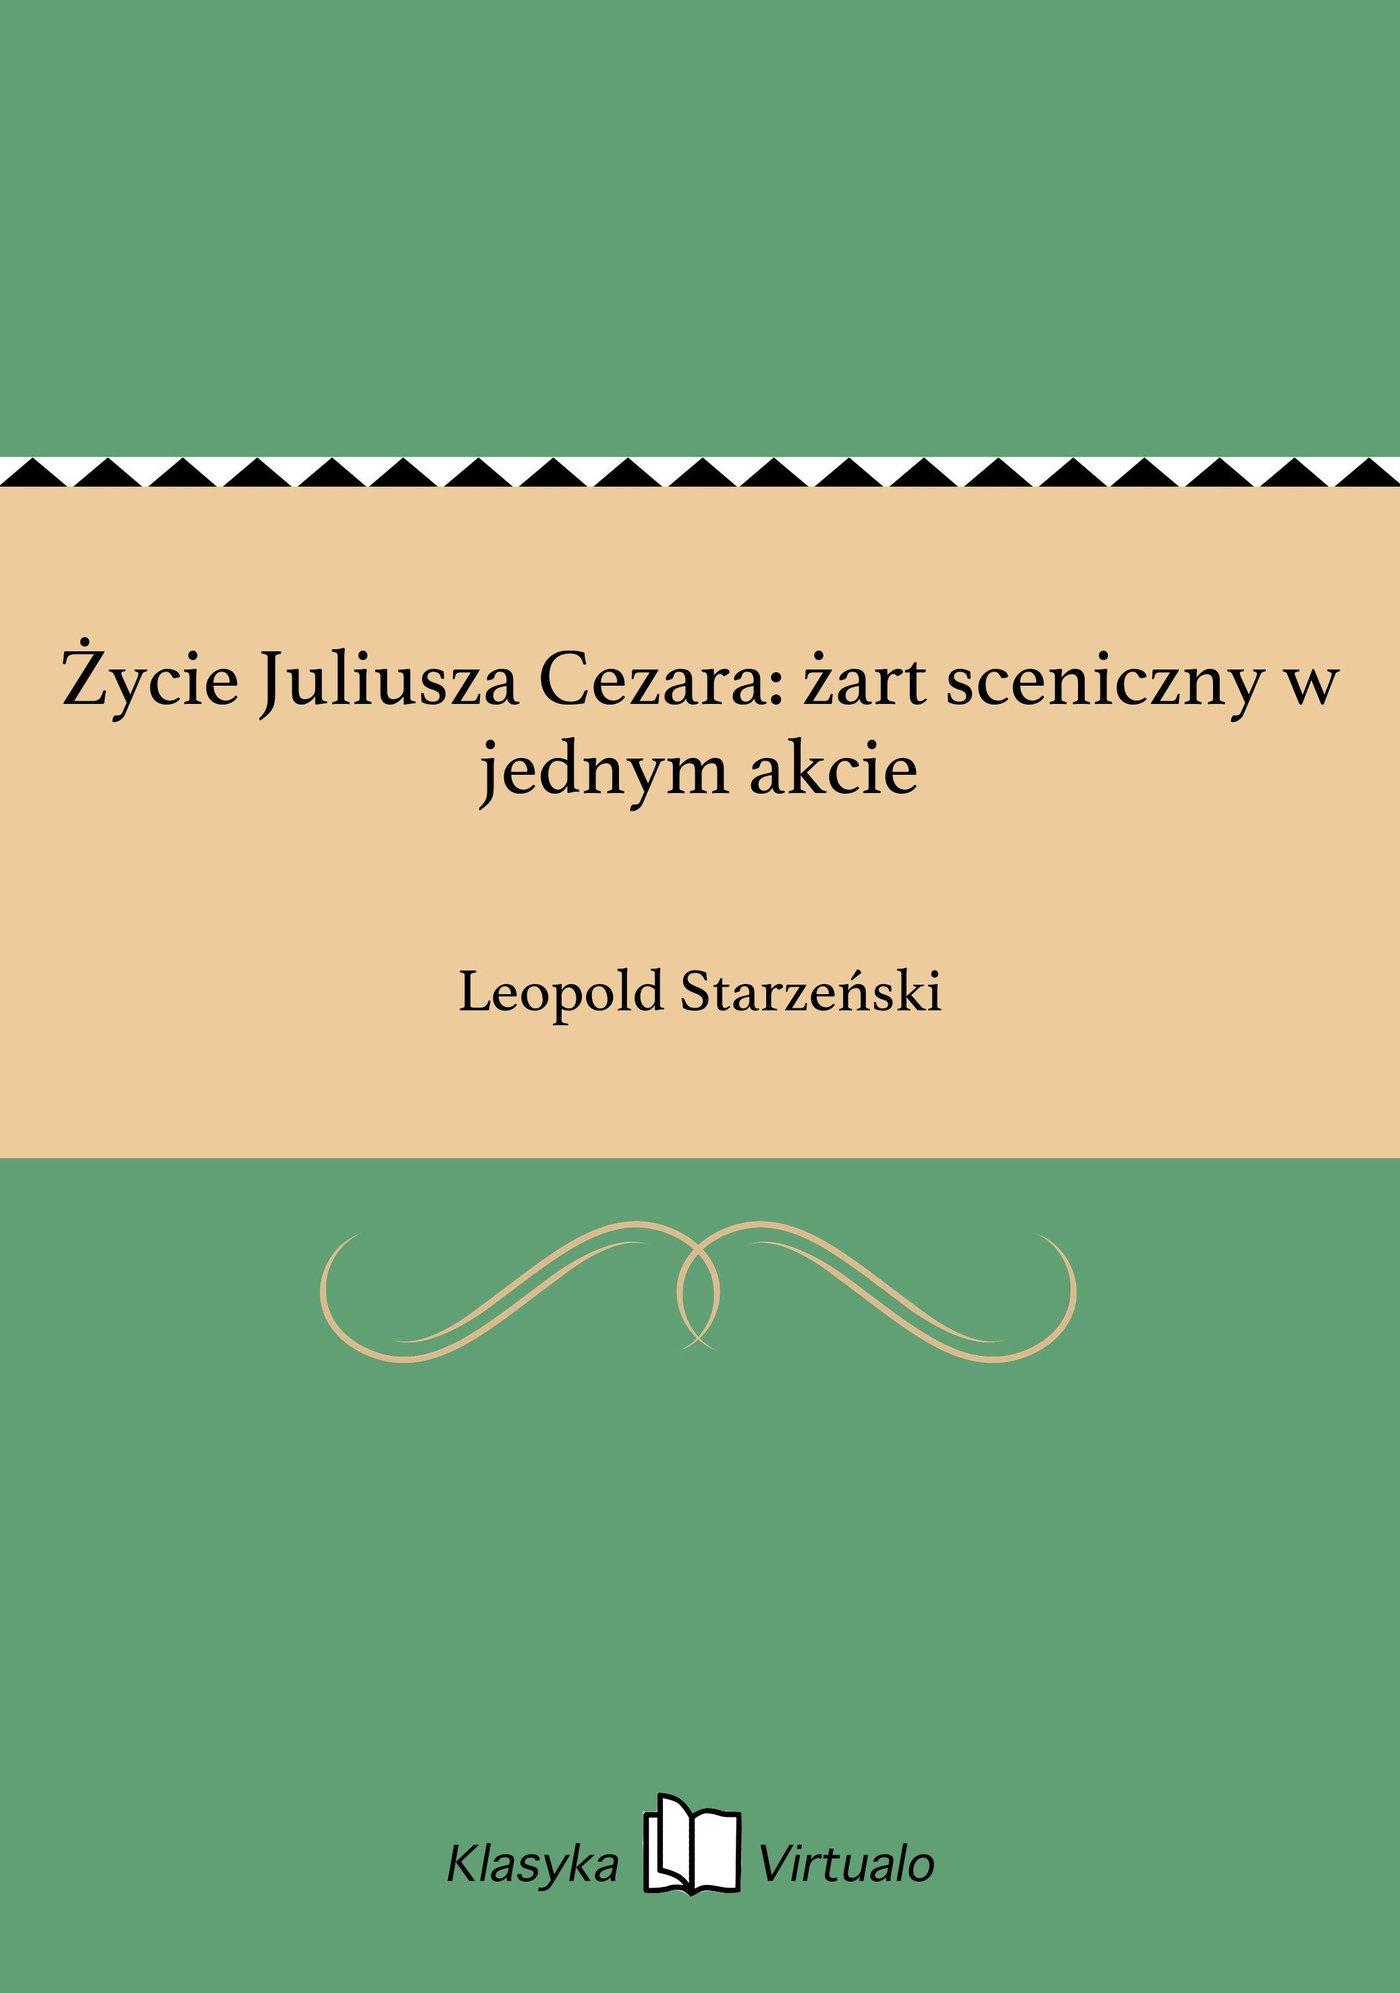 Życie Juliusza Cezara: żart sceniczny w jednym akcie - Ebook (Książka EPUB) do pobrania w formacie EPUB